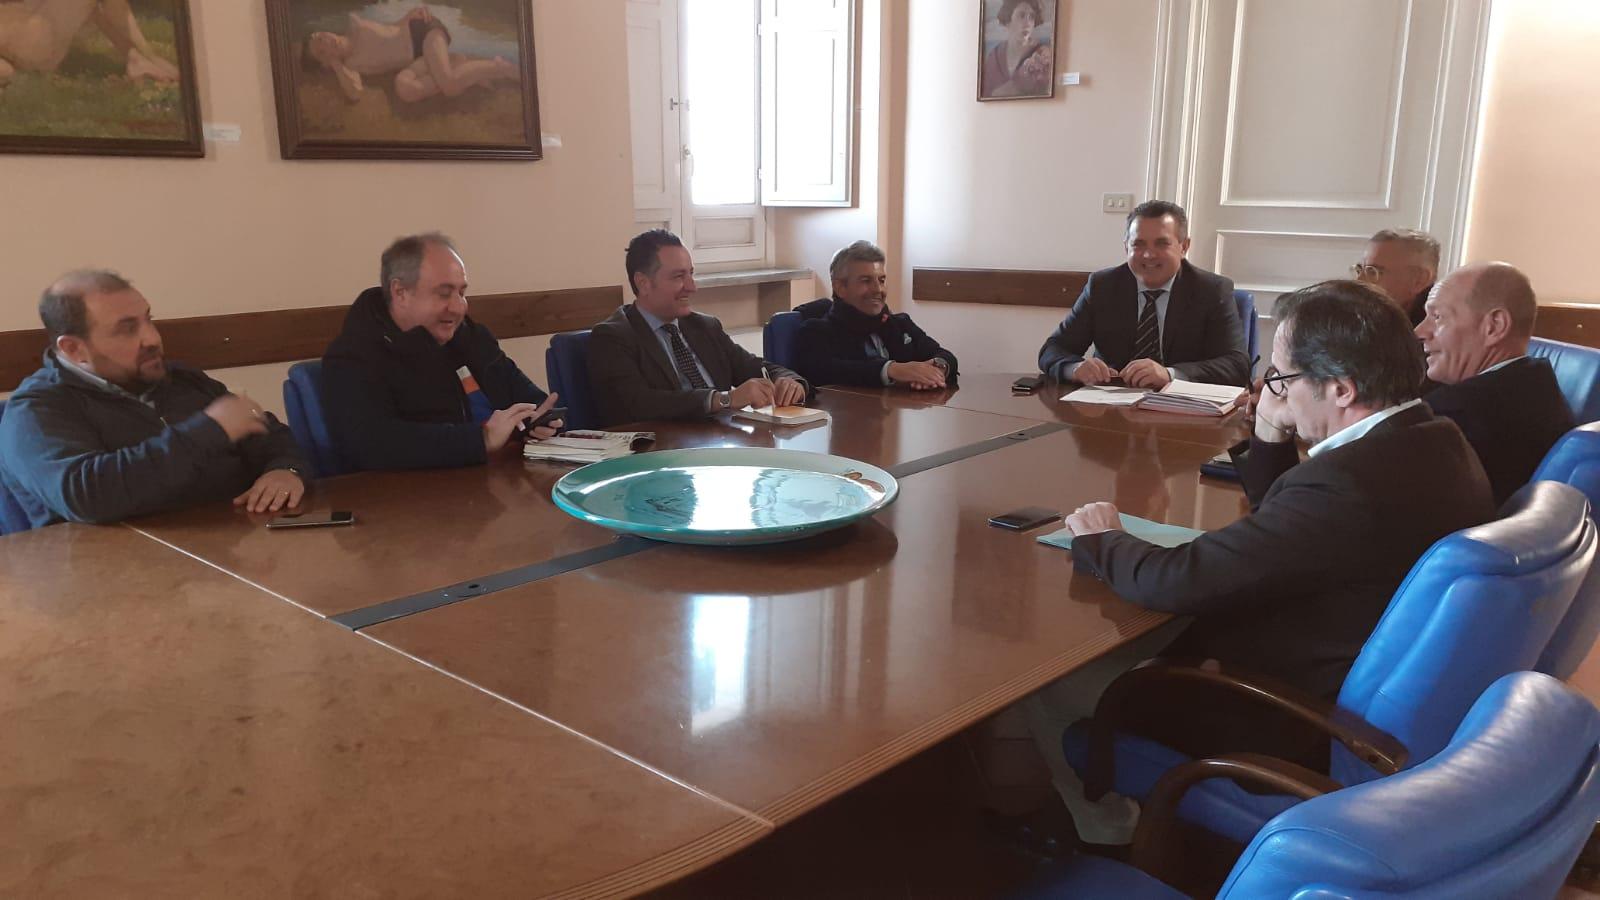 Benevento| Crisi Rocca, Di Maria: agisco da monocrate nell'interesse del Sannio